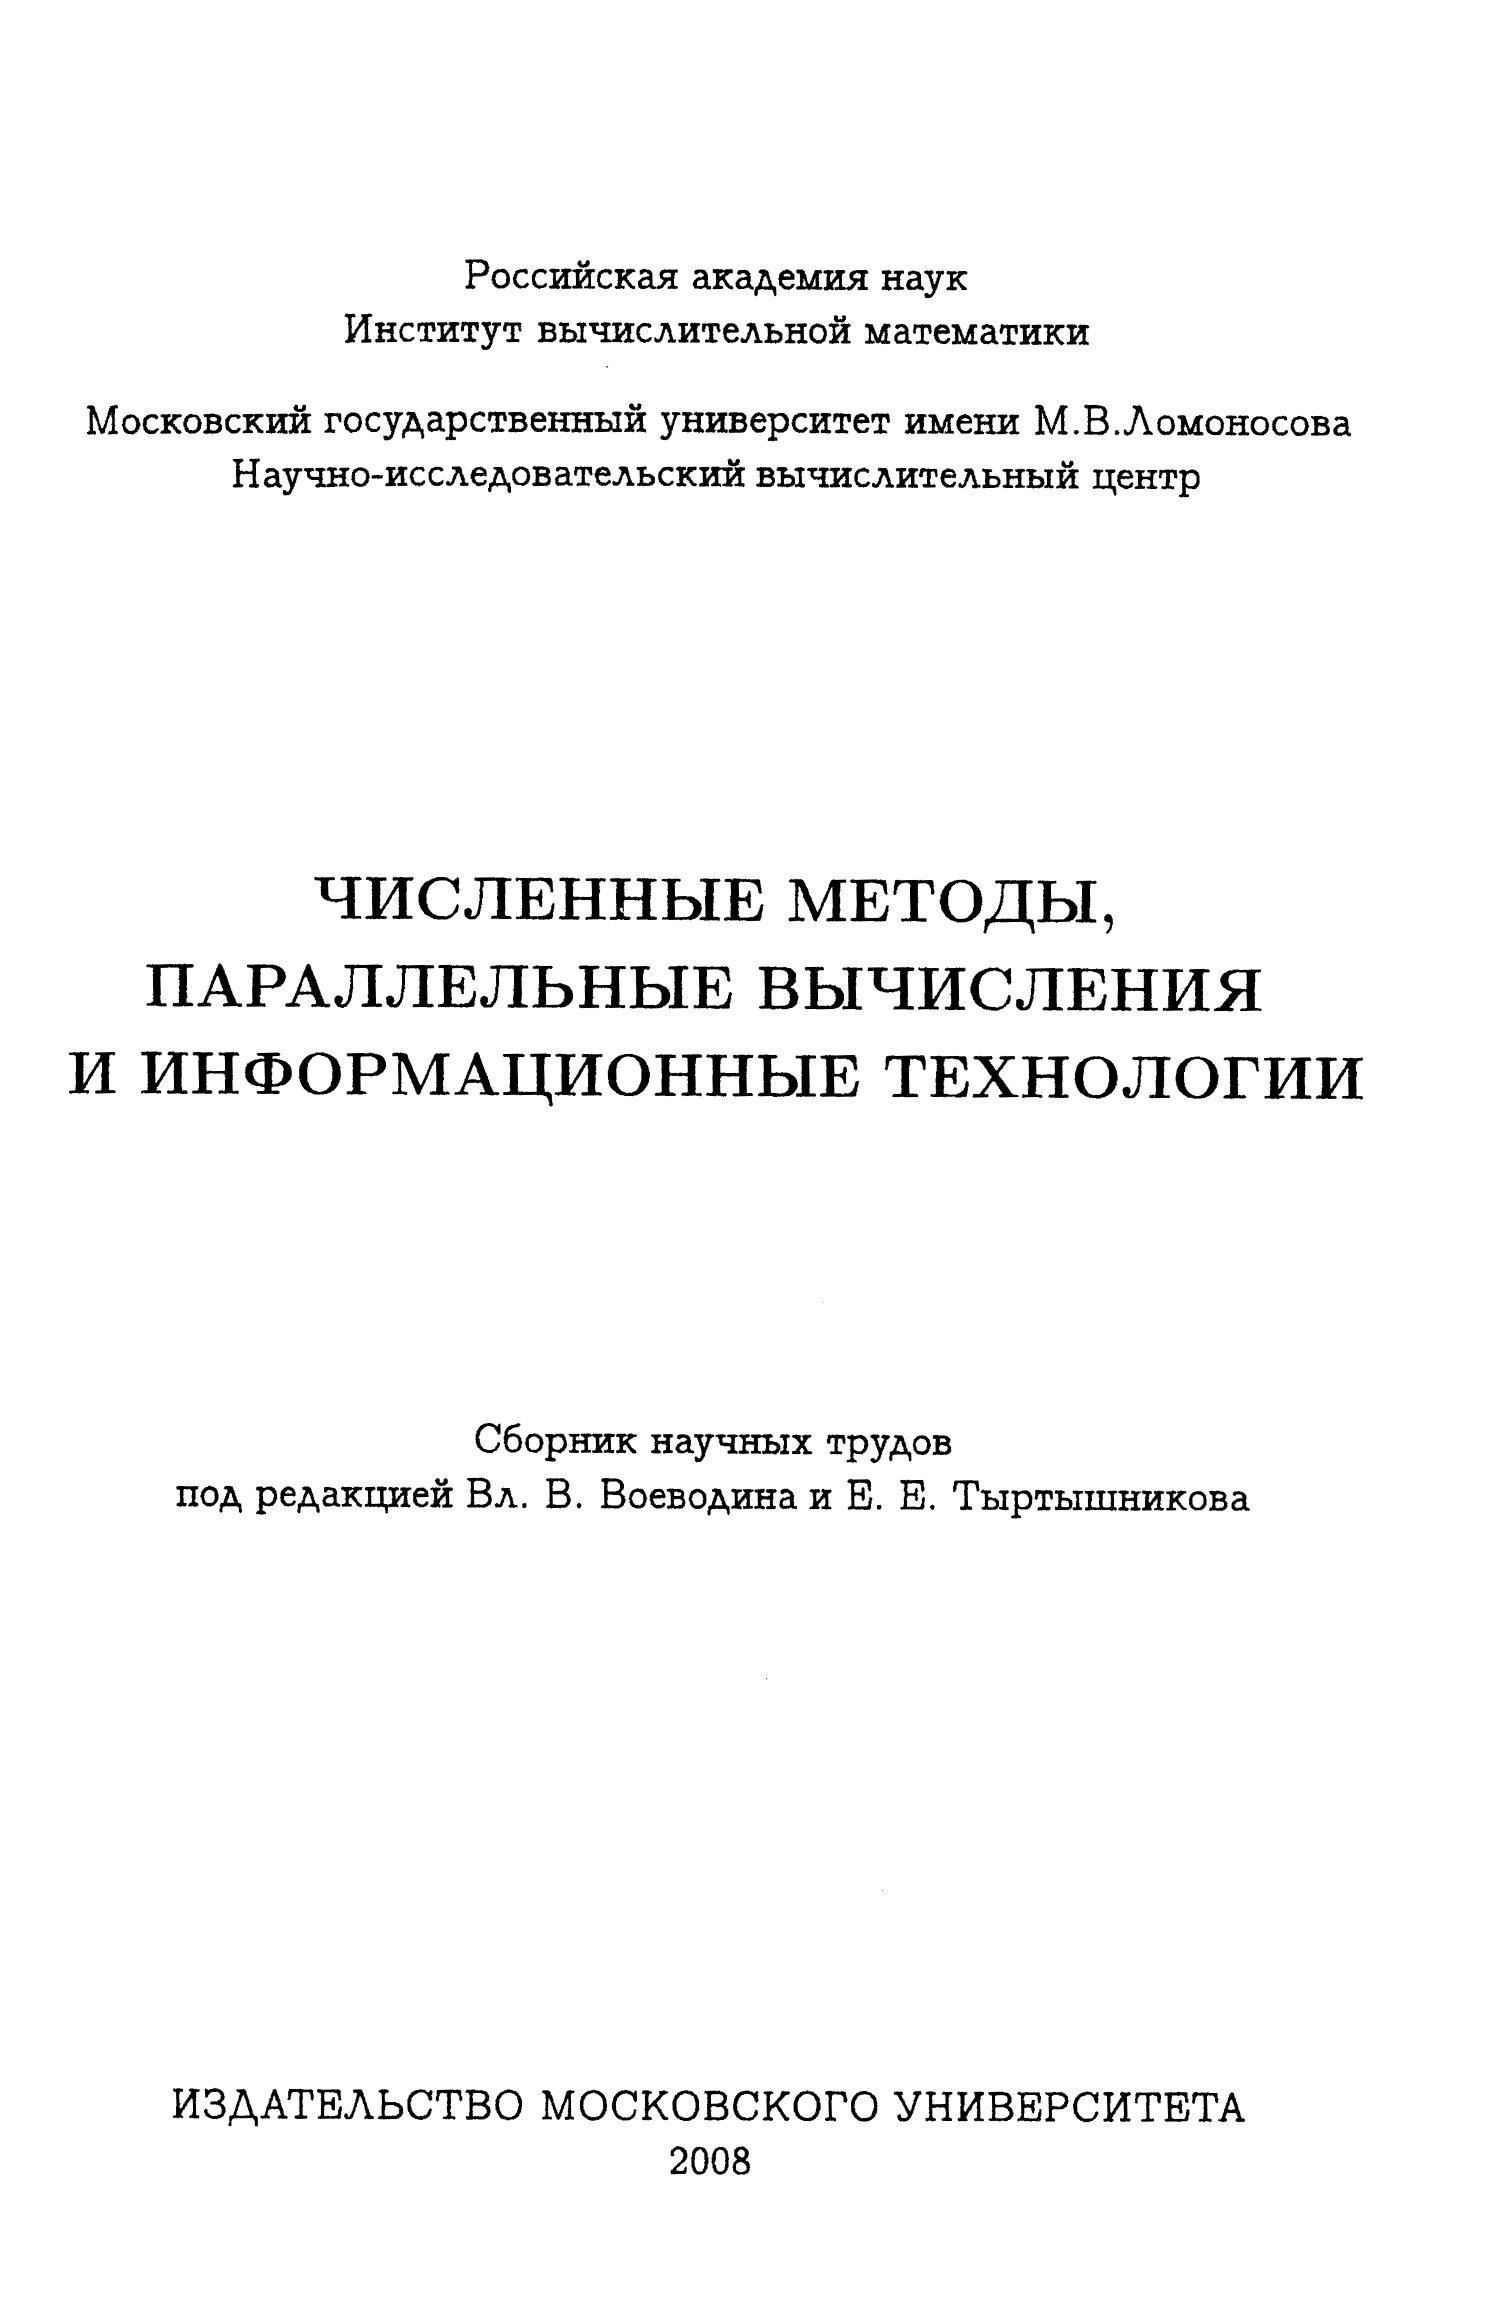 PDF ELECTROSTATIC ACCELERATORS: FUNDAMENTALS AND APPLICATIONS